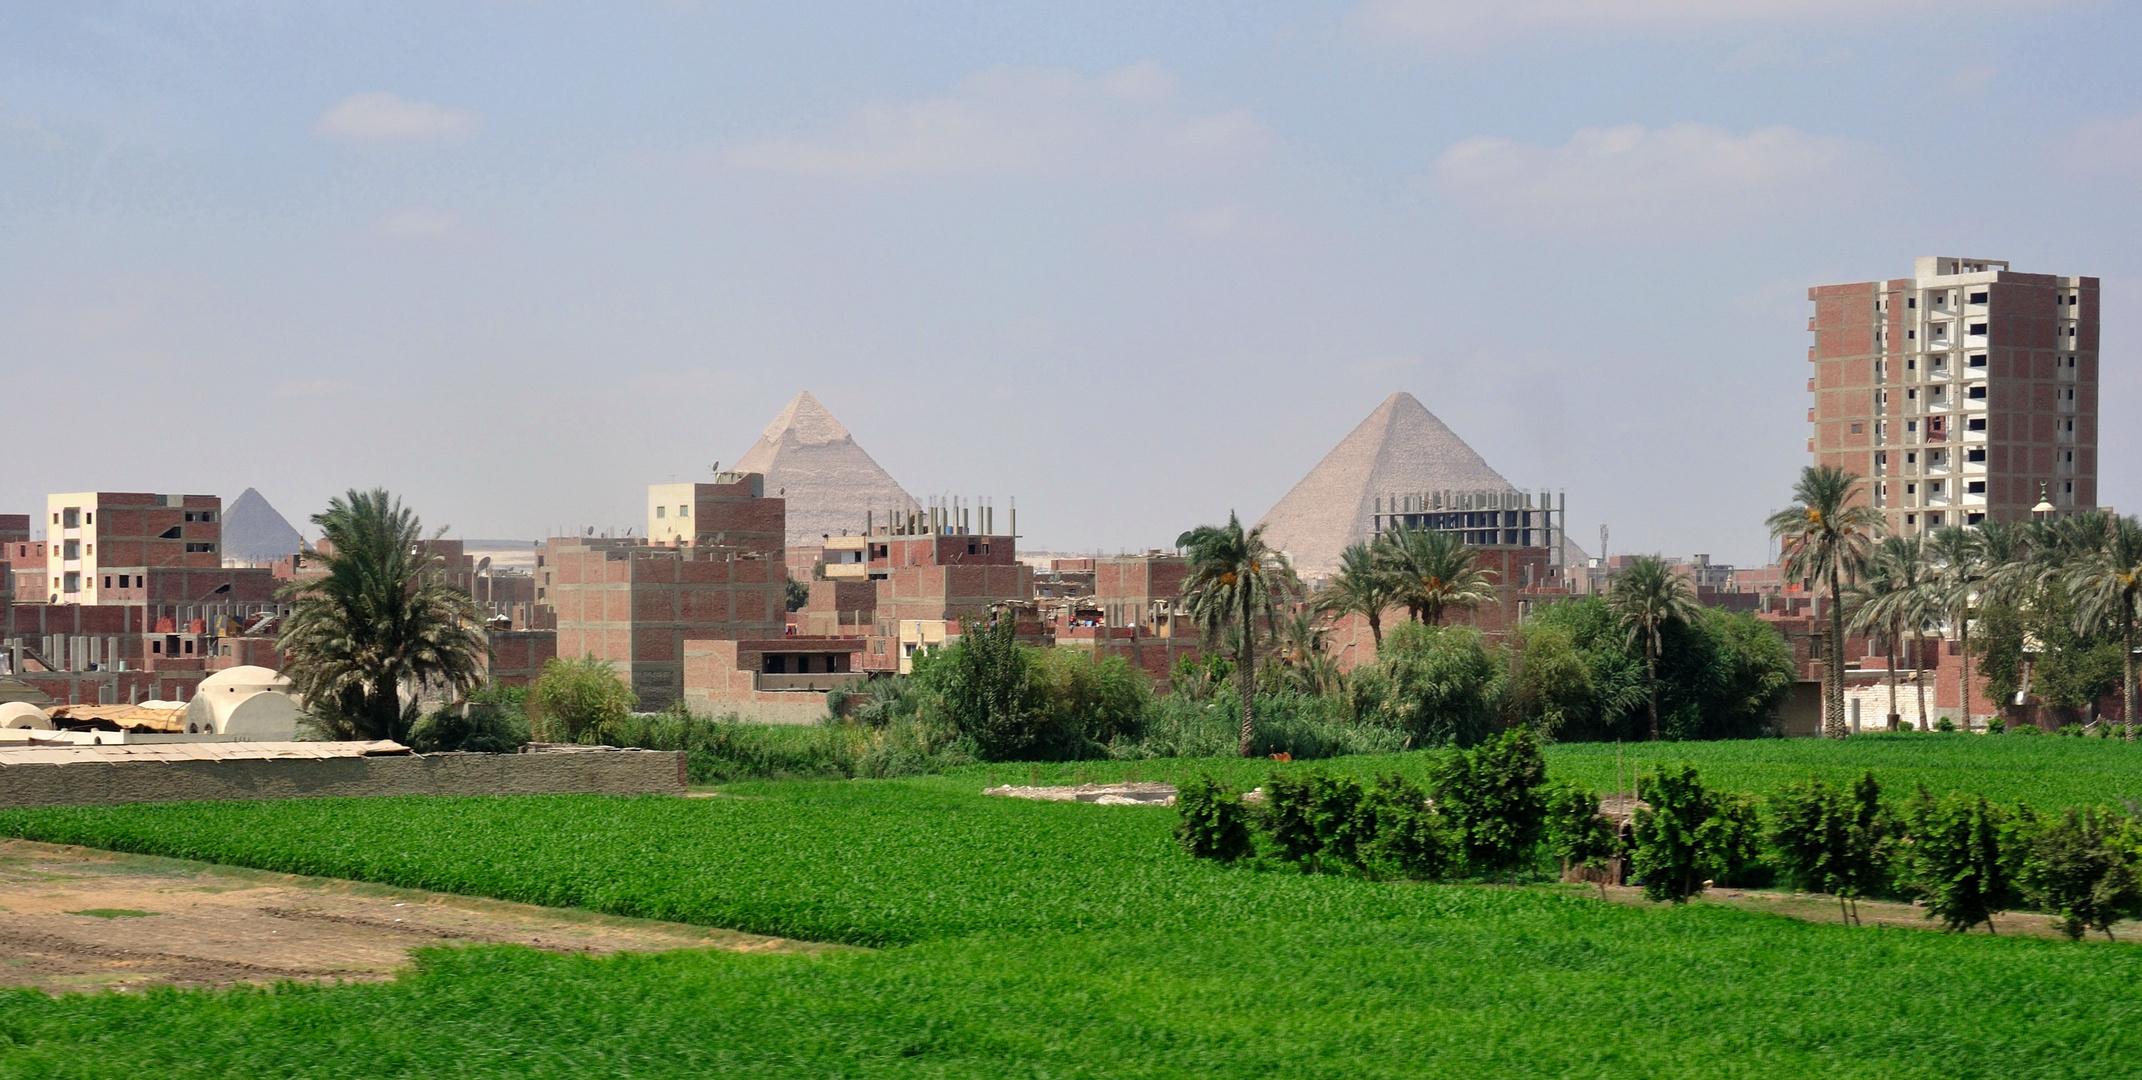 Die Pyramiden werden langsam zugebaut